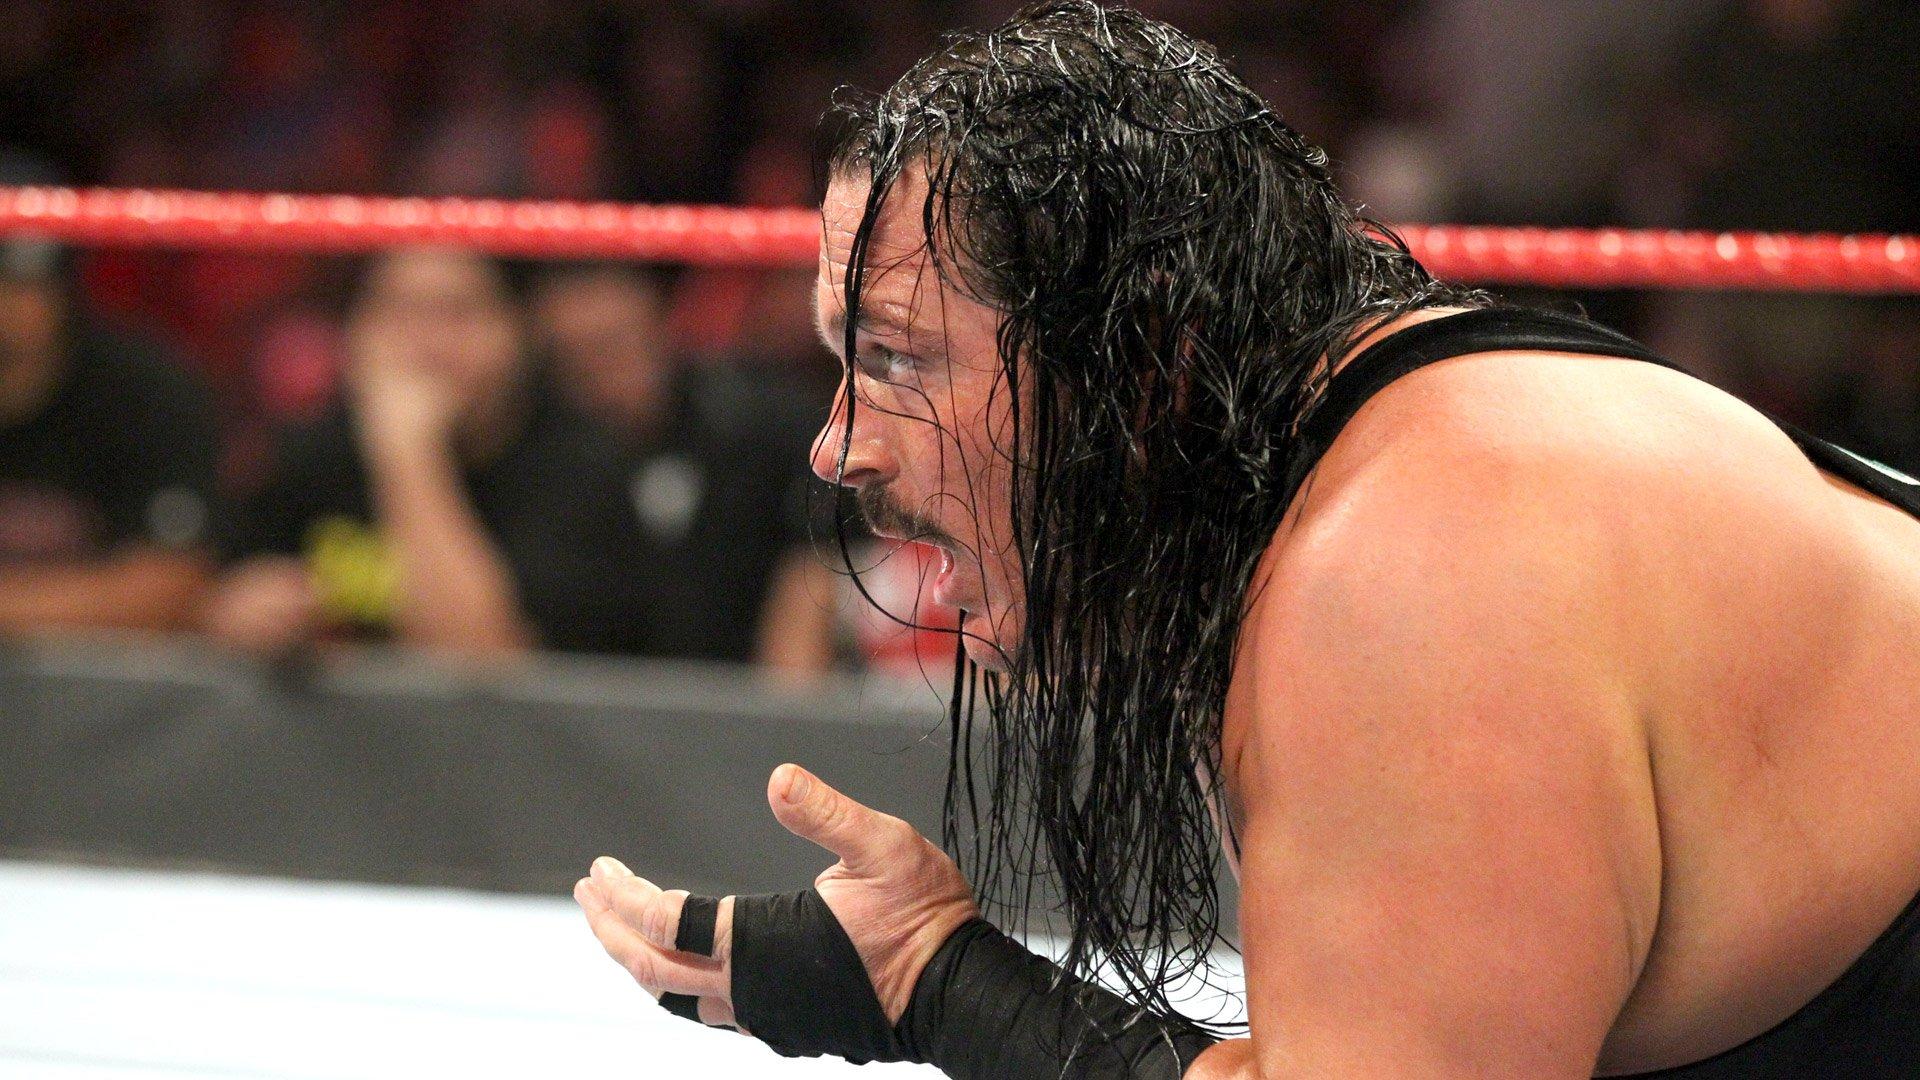 Heath Slater vs. Rhyno - Le perdant est viré: Raw, 3 Décembre 2018